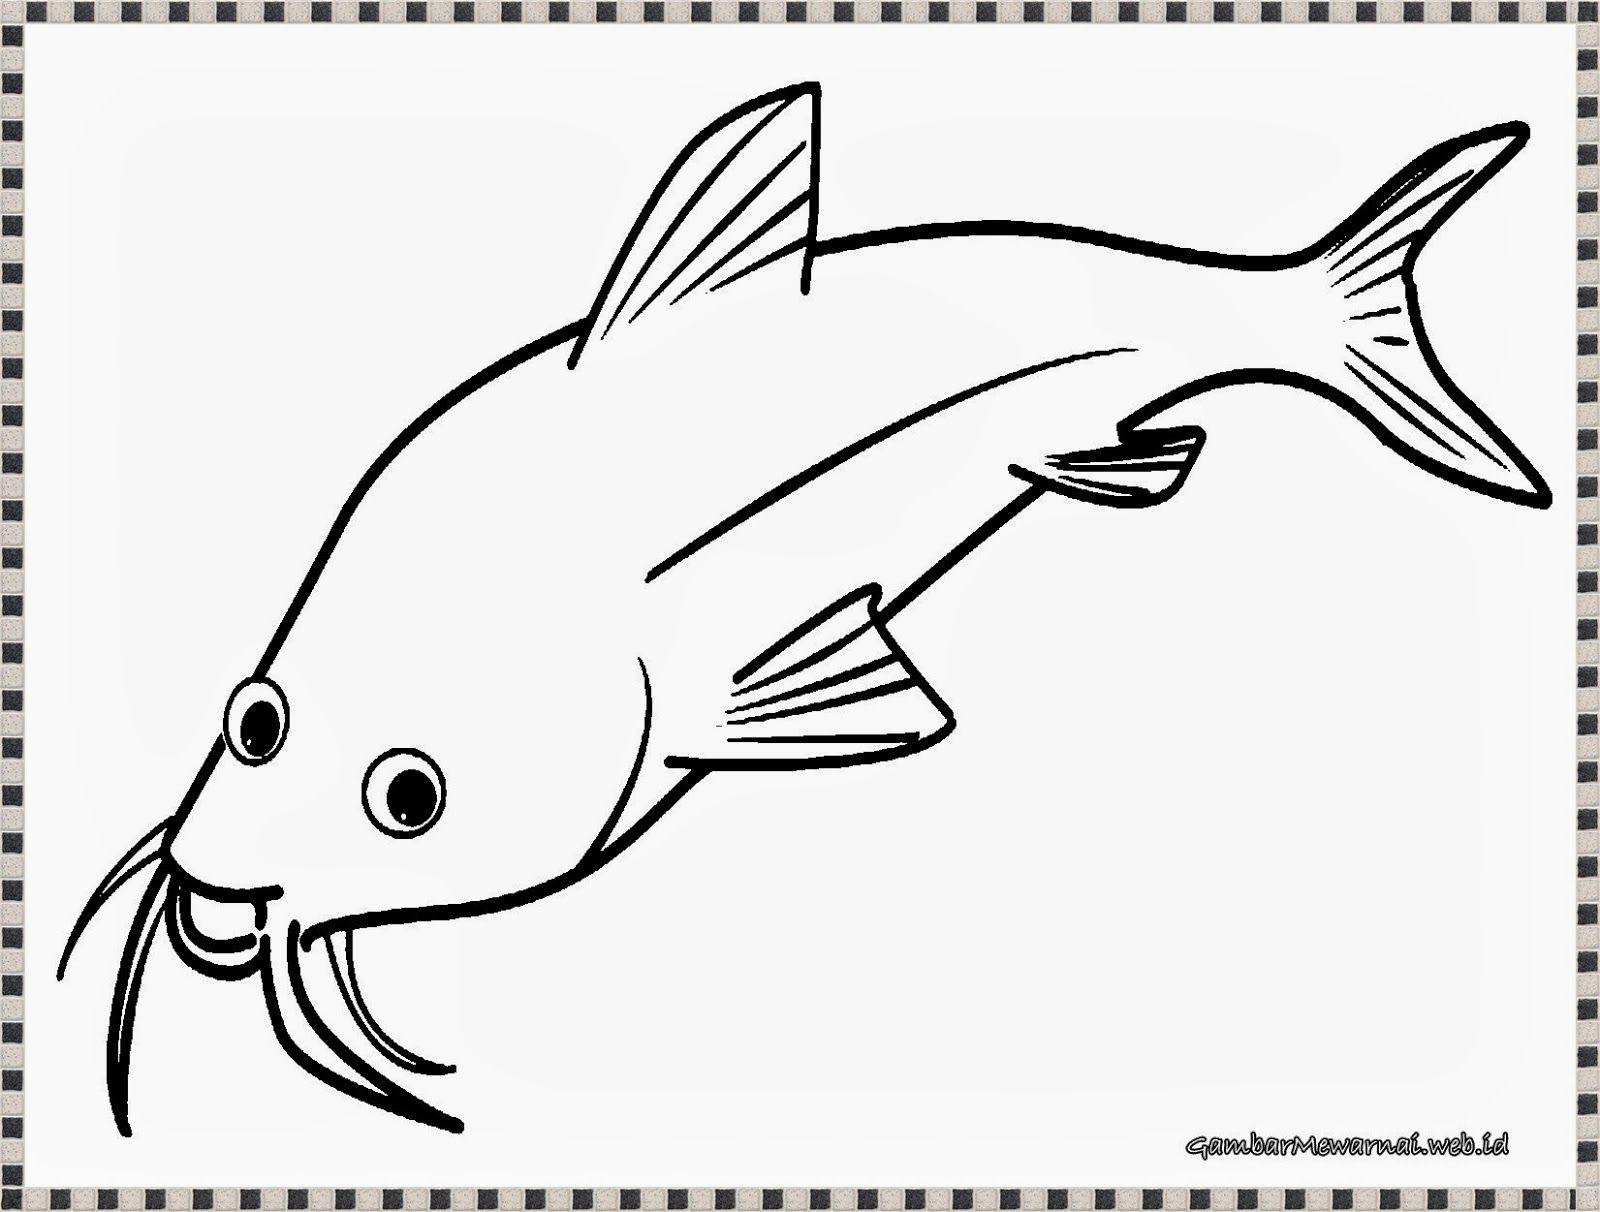 Belajar Mewarnai Gambar Ikan Download Kumpulan Gambar